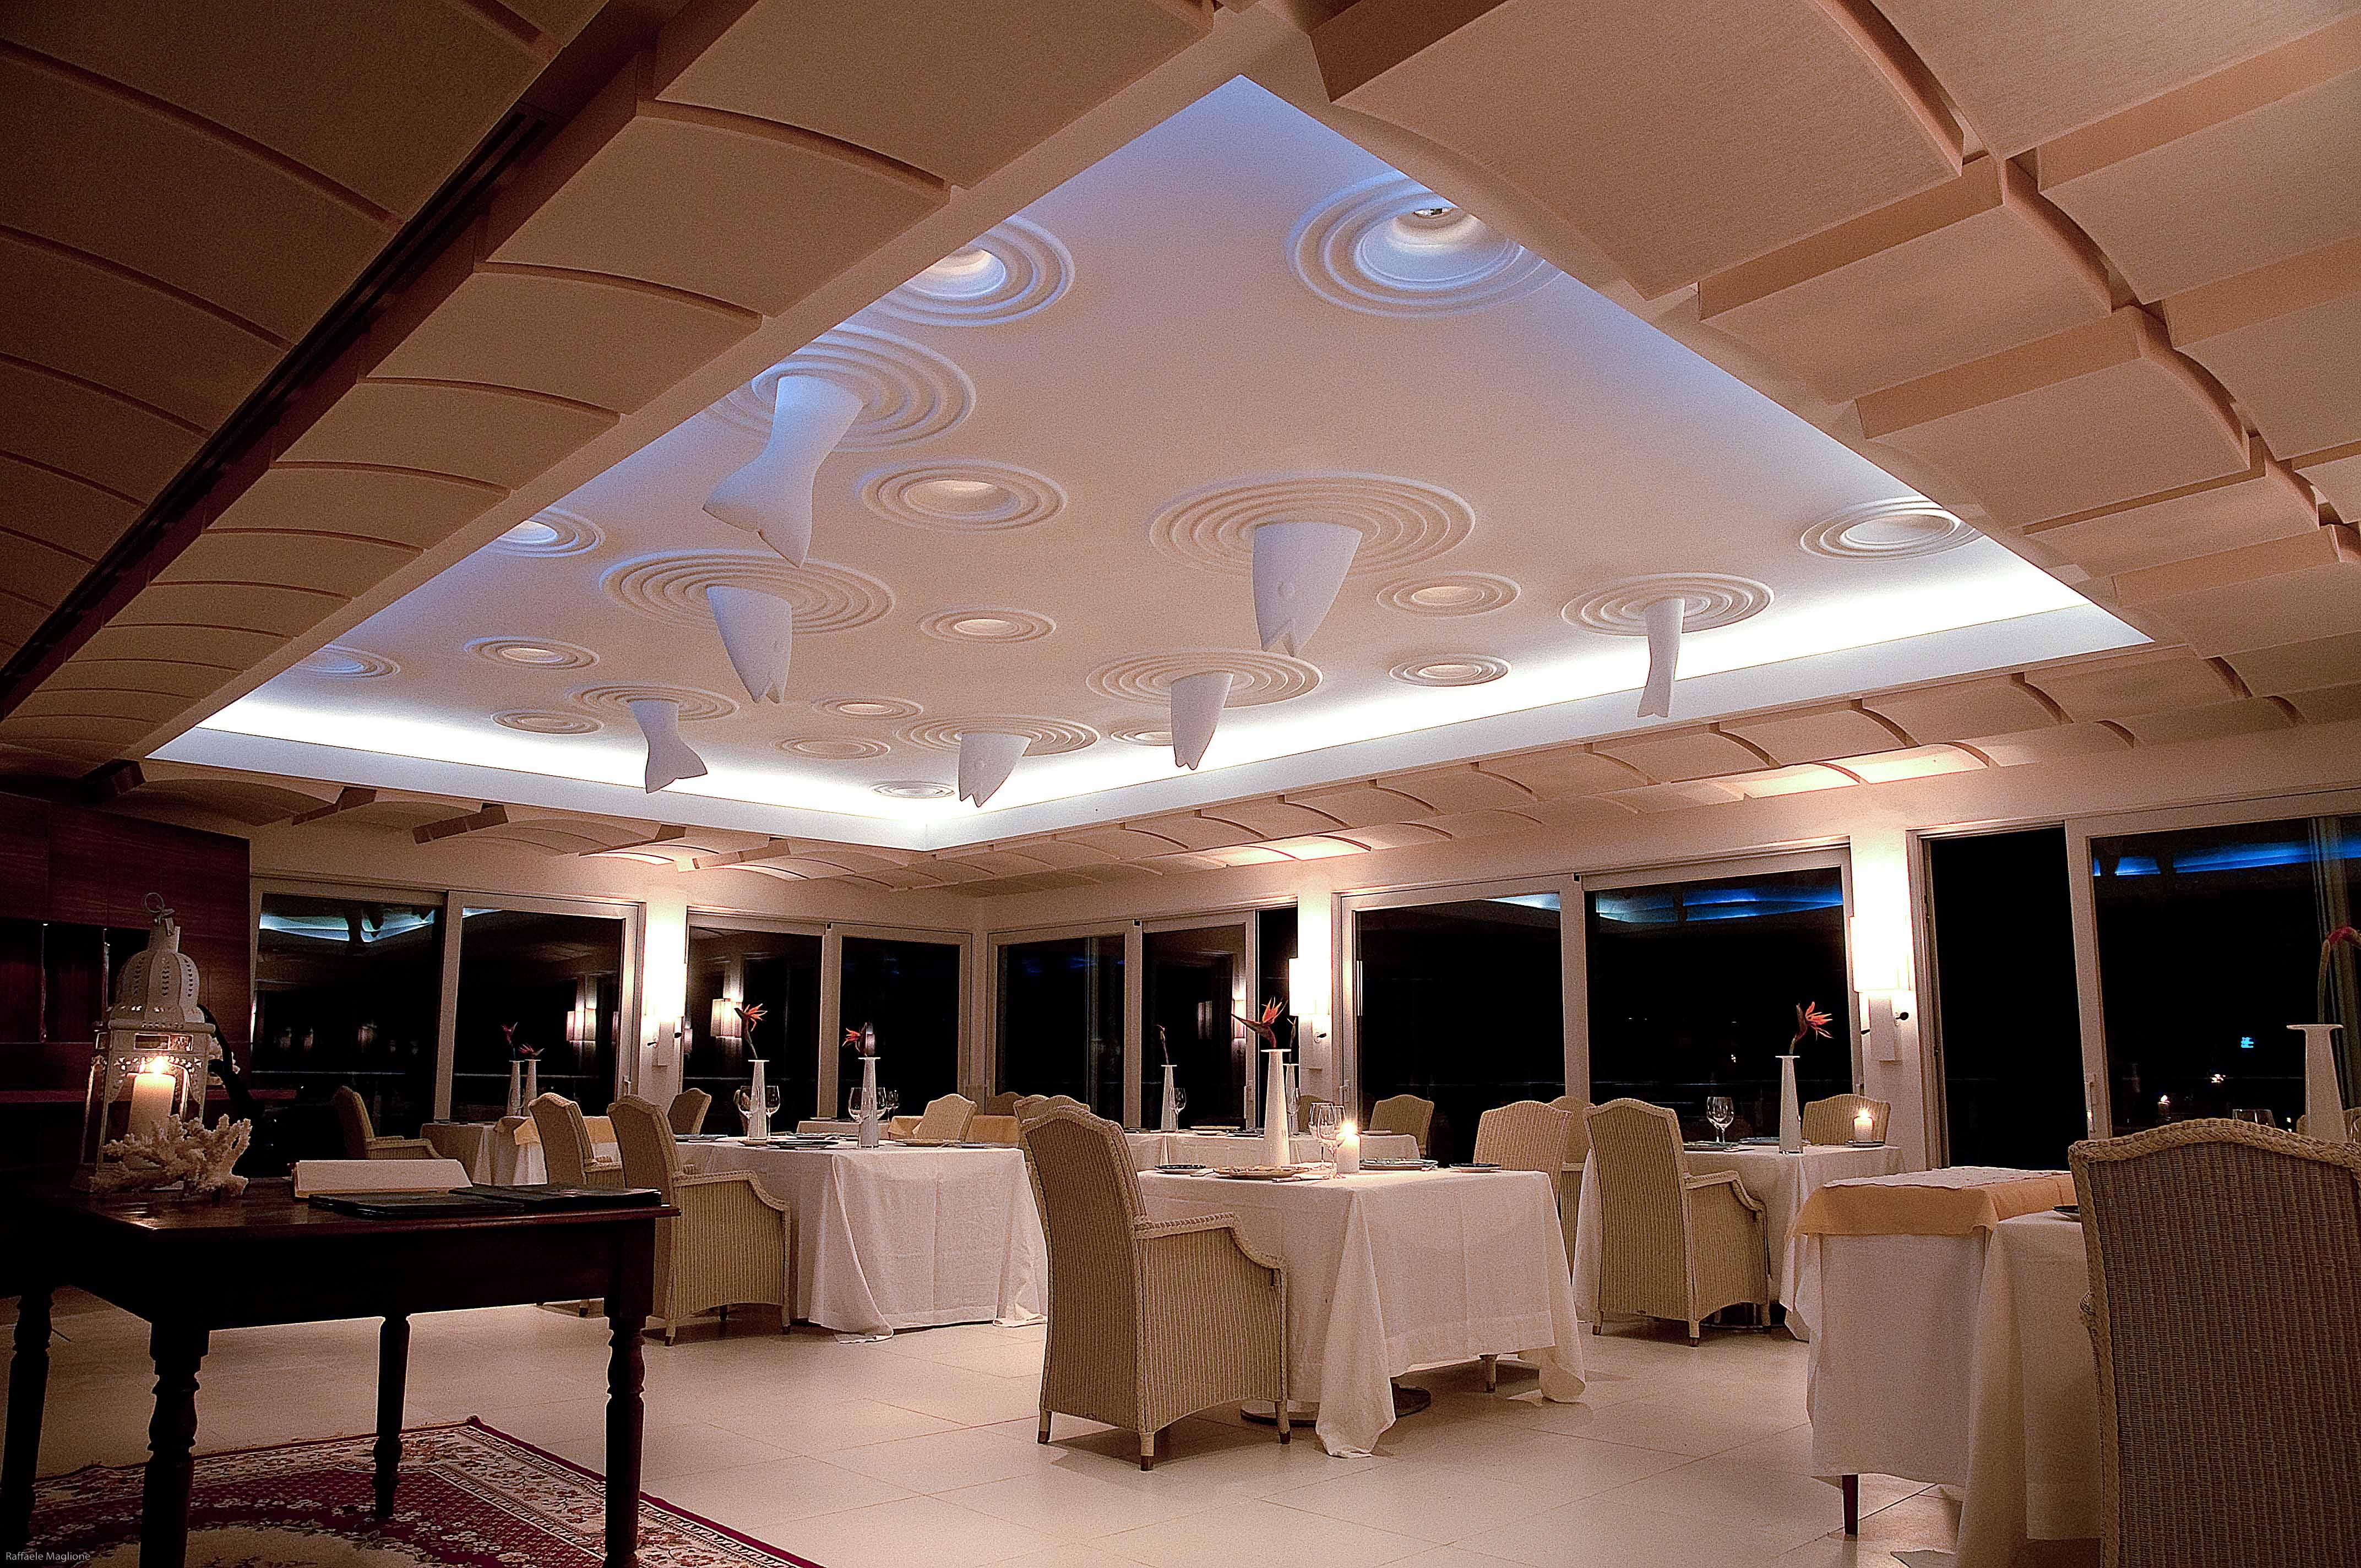 Faretti Interni Design: Galleria immagini interni energy di ...